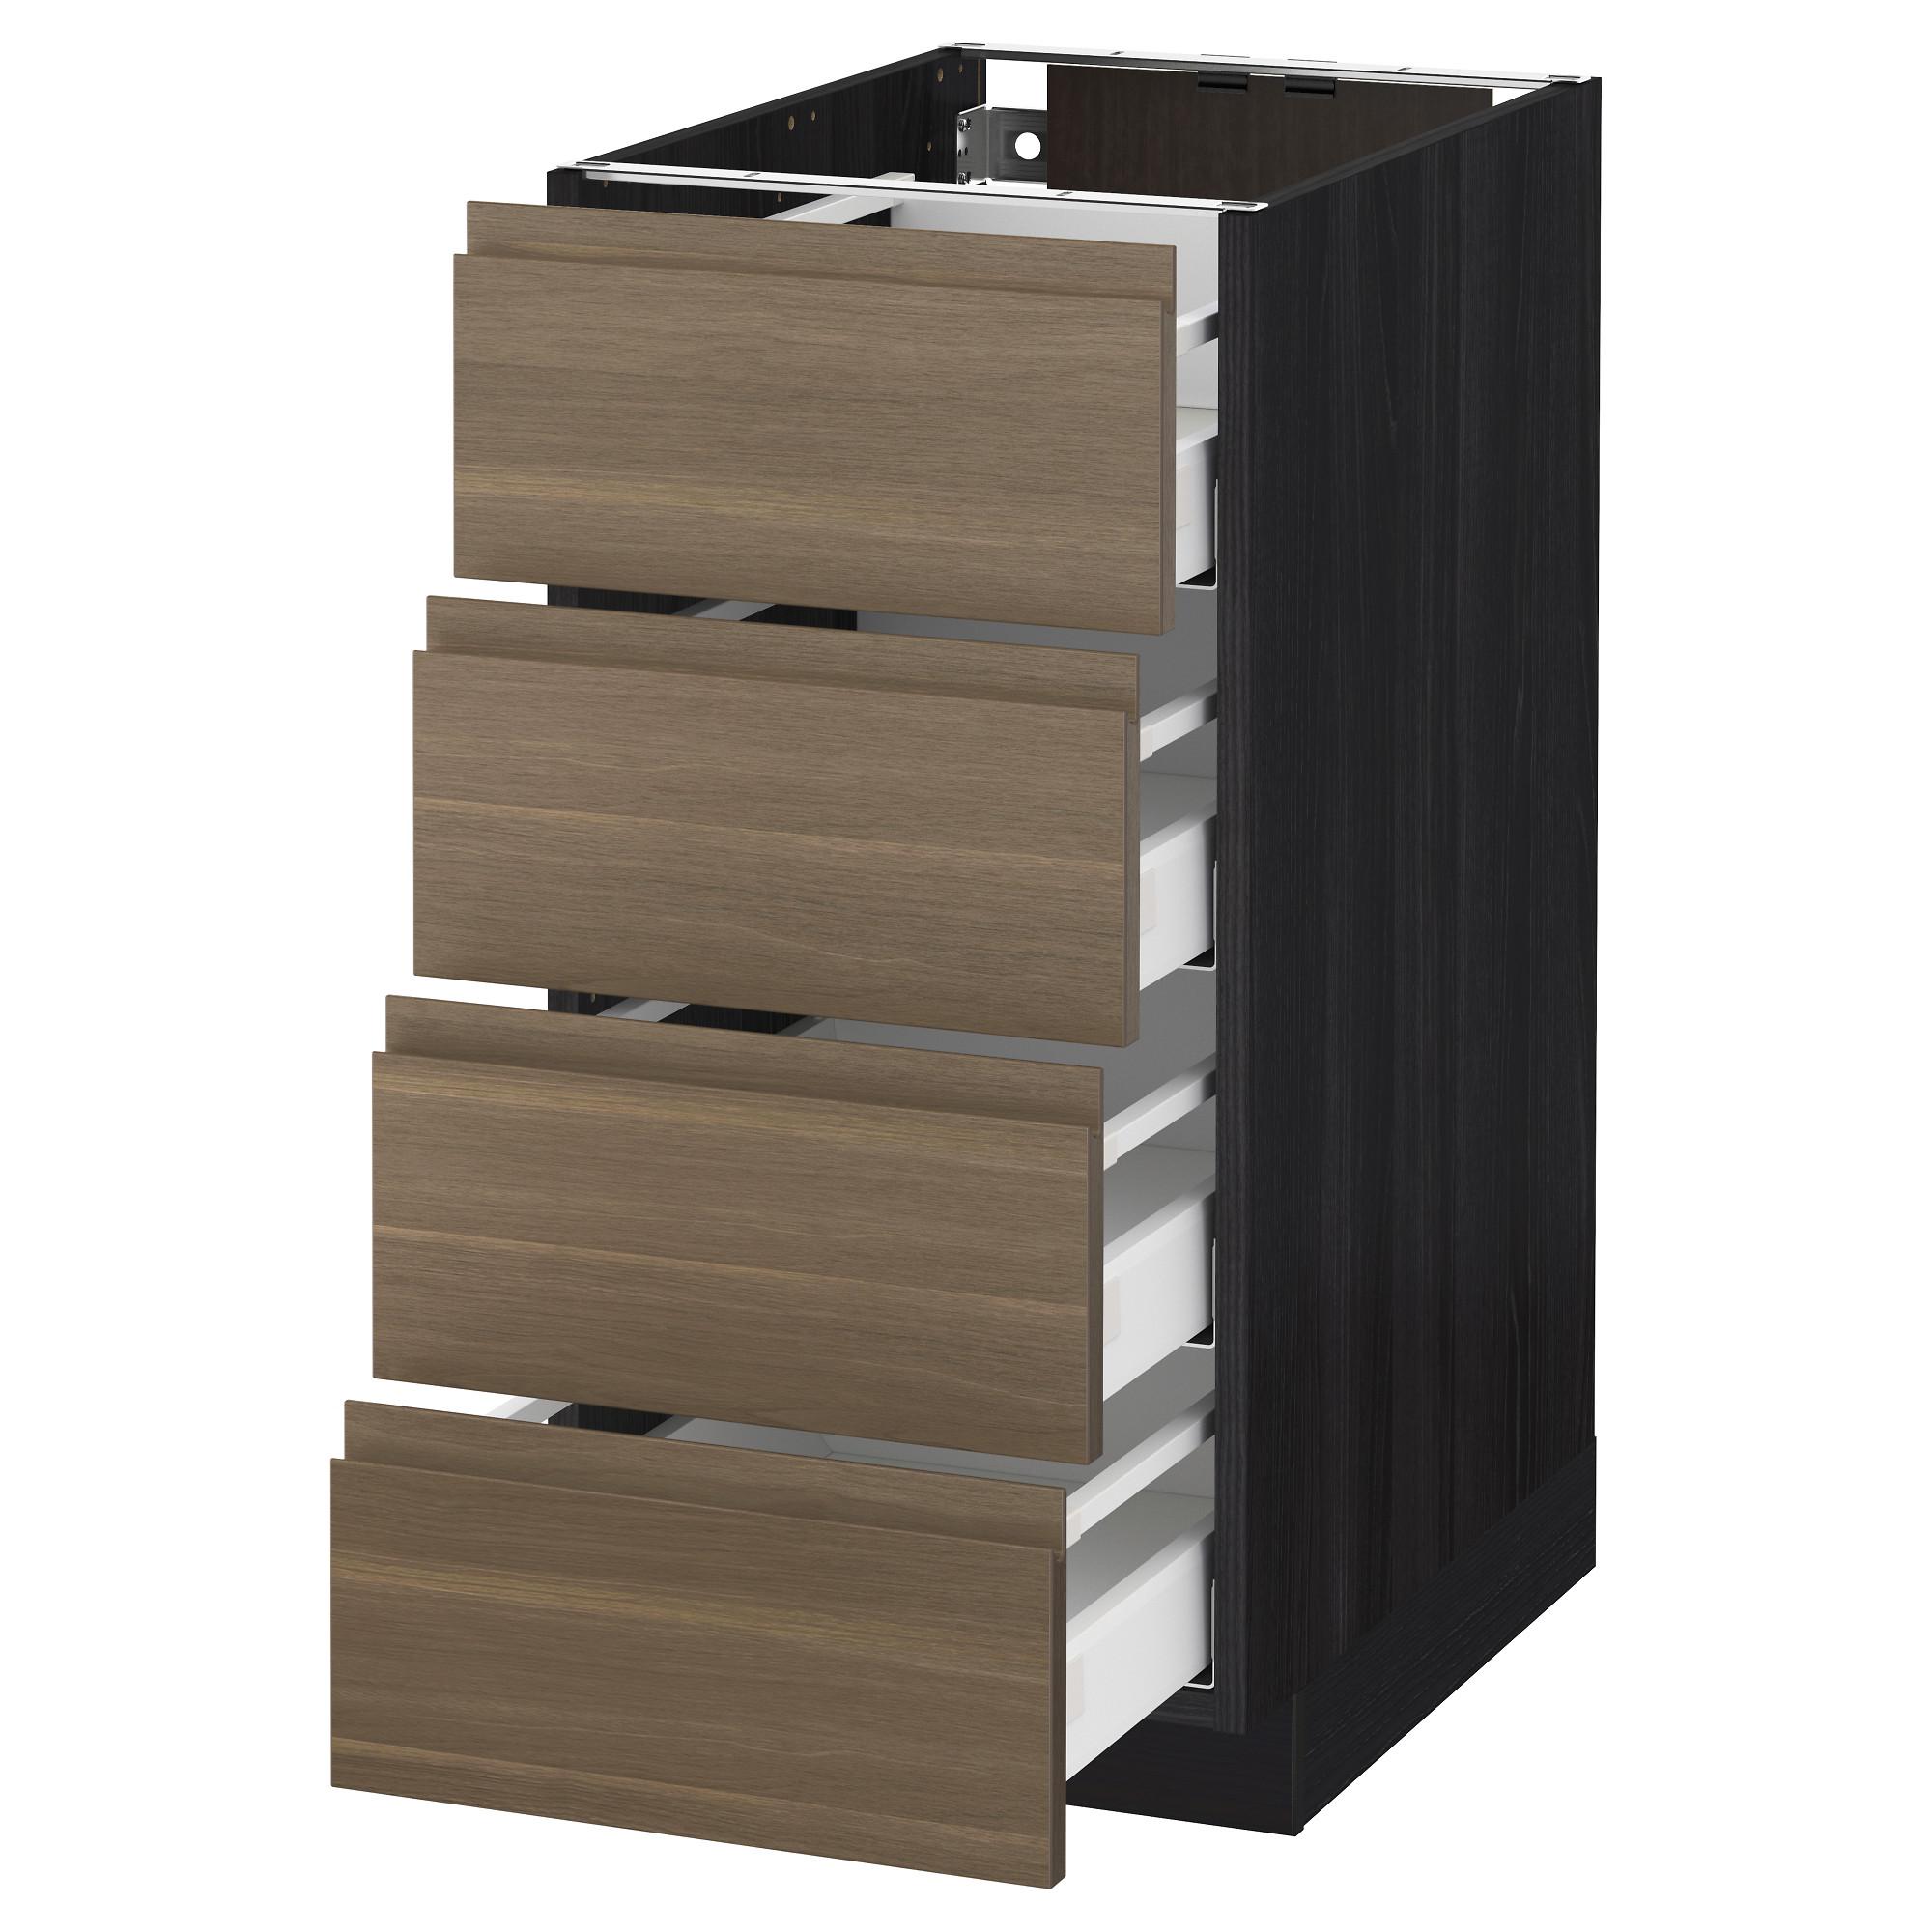 Напольный шкаф 4 фронтальных панели, 4 ящика МЕТОД / МАКСИМЕРА черный артикуль № 492.382.32 в наличии. Онлайн сайт IKEA Беларусь. Быстрая доставка и установка.